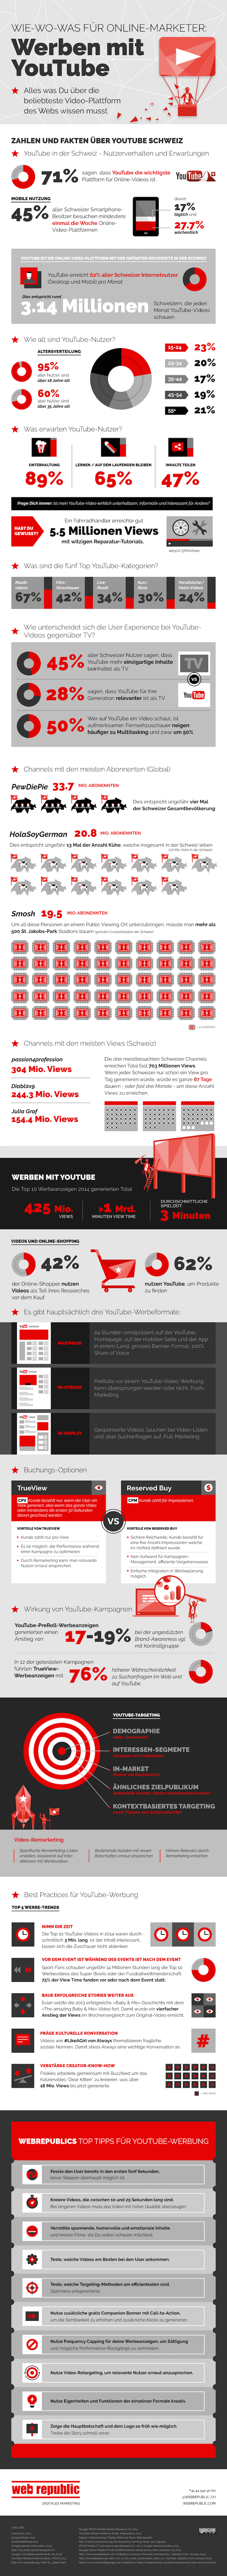 Efolgreich werben auf Youtube